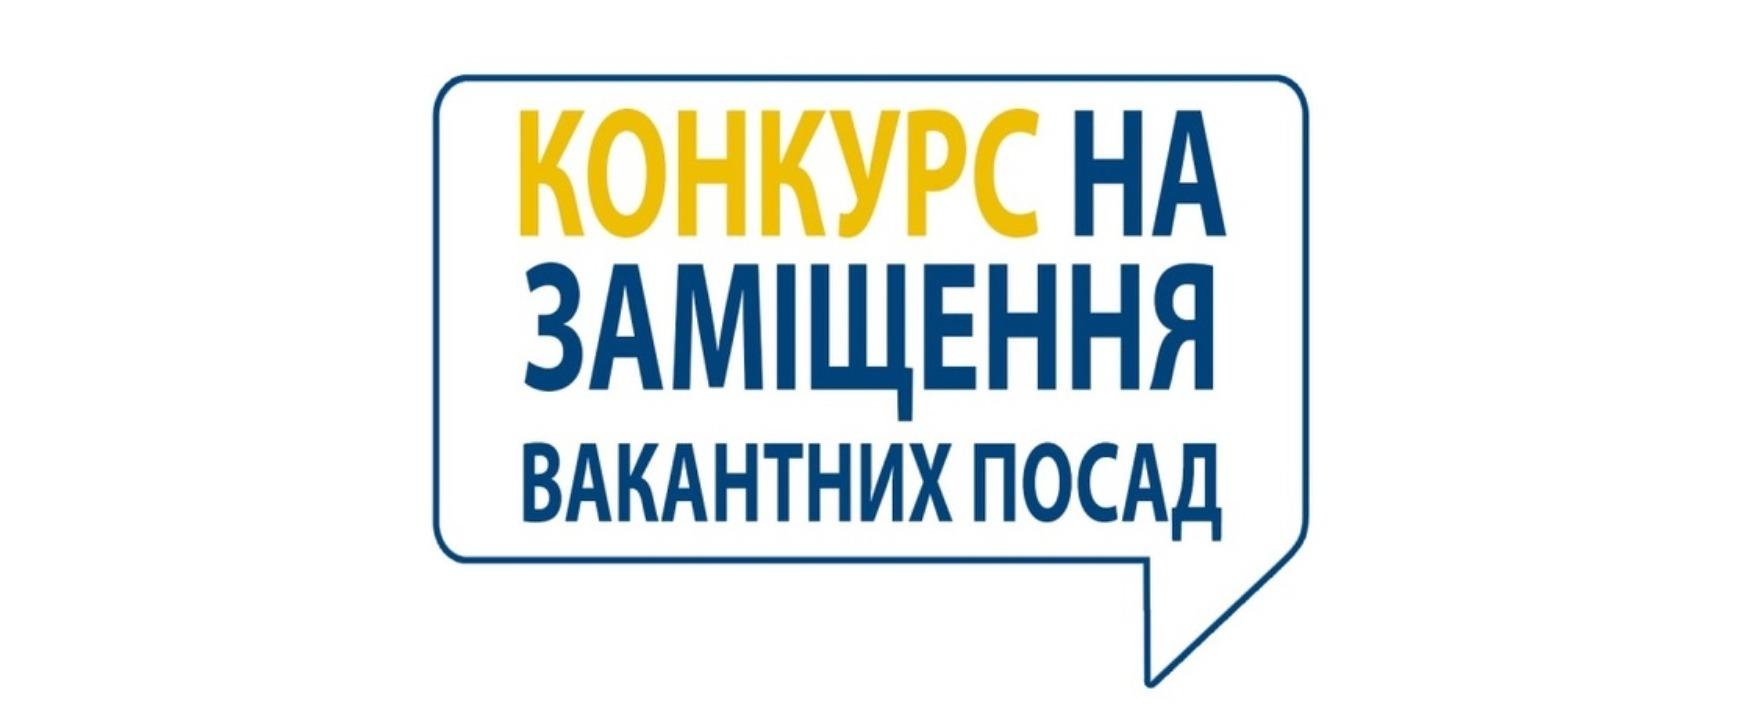 Оголошується конкурс на заміщення вакантної посади директора КНП «Дрогобицька міська стоматологічна поліклініка»